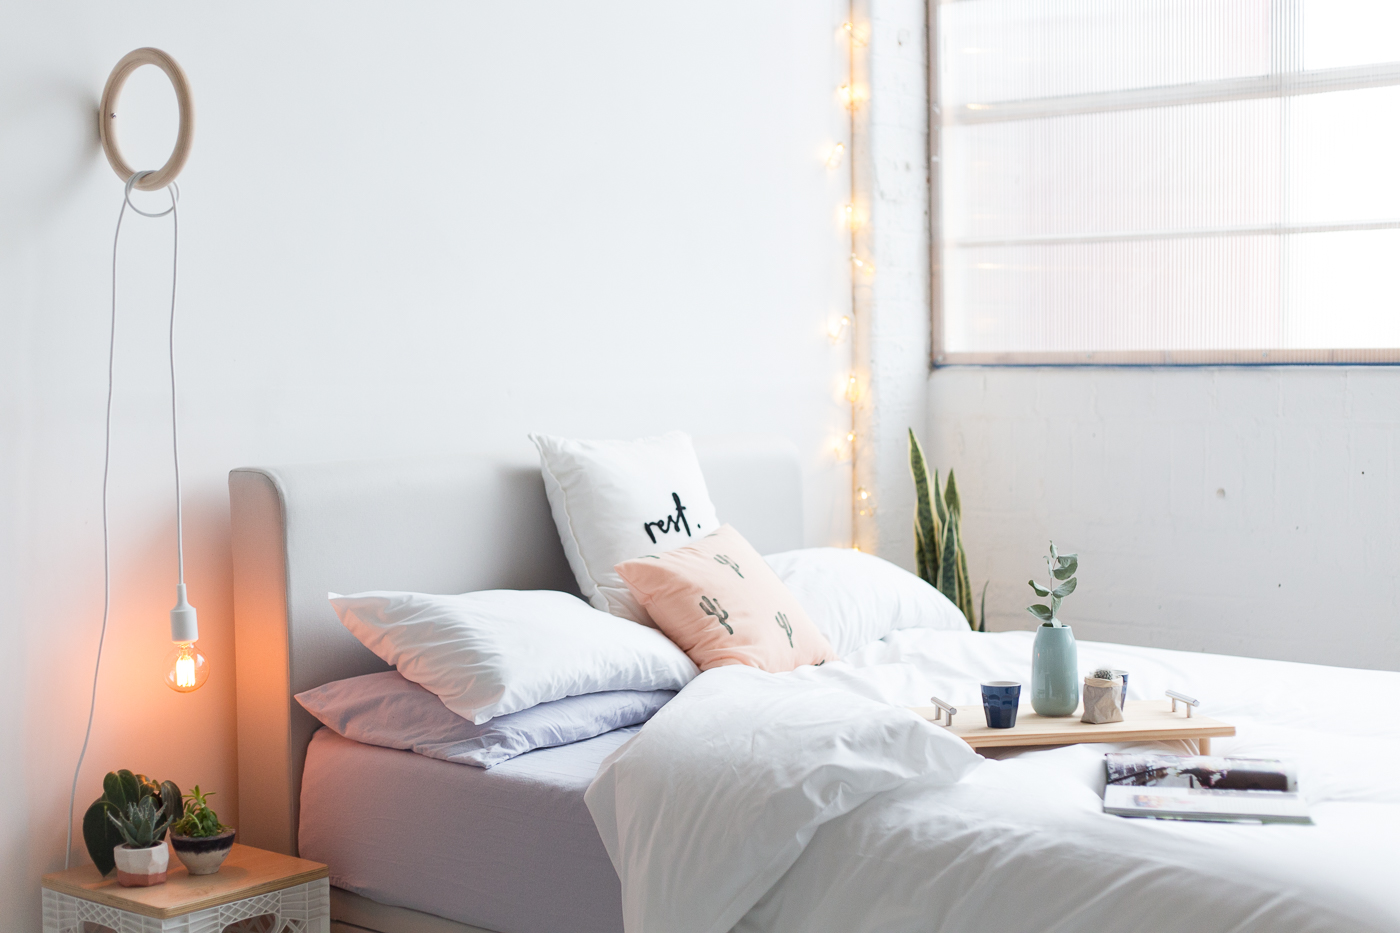 Lampe Suspendue Luminaire Chevet Maison Idée Et De 3Ac54jqSRL